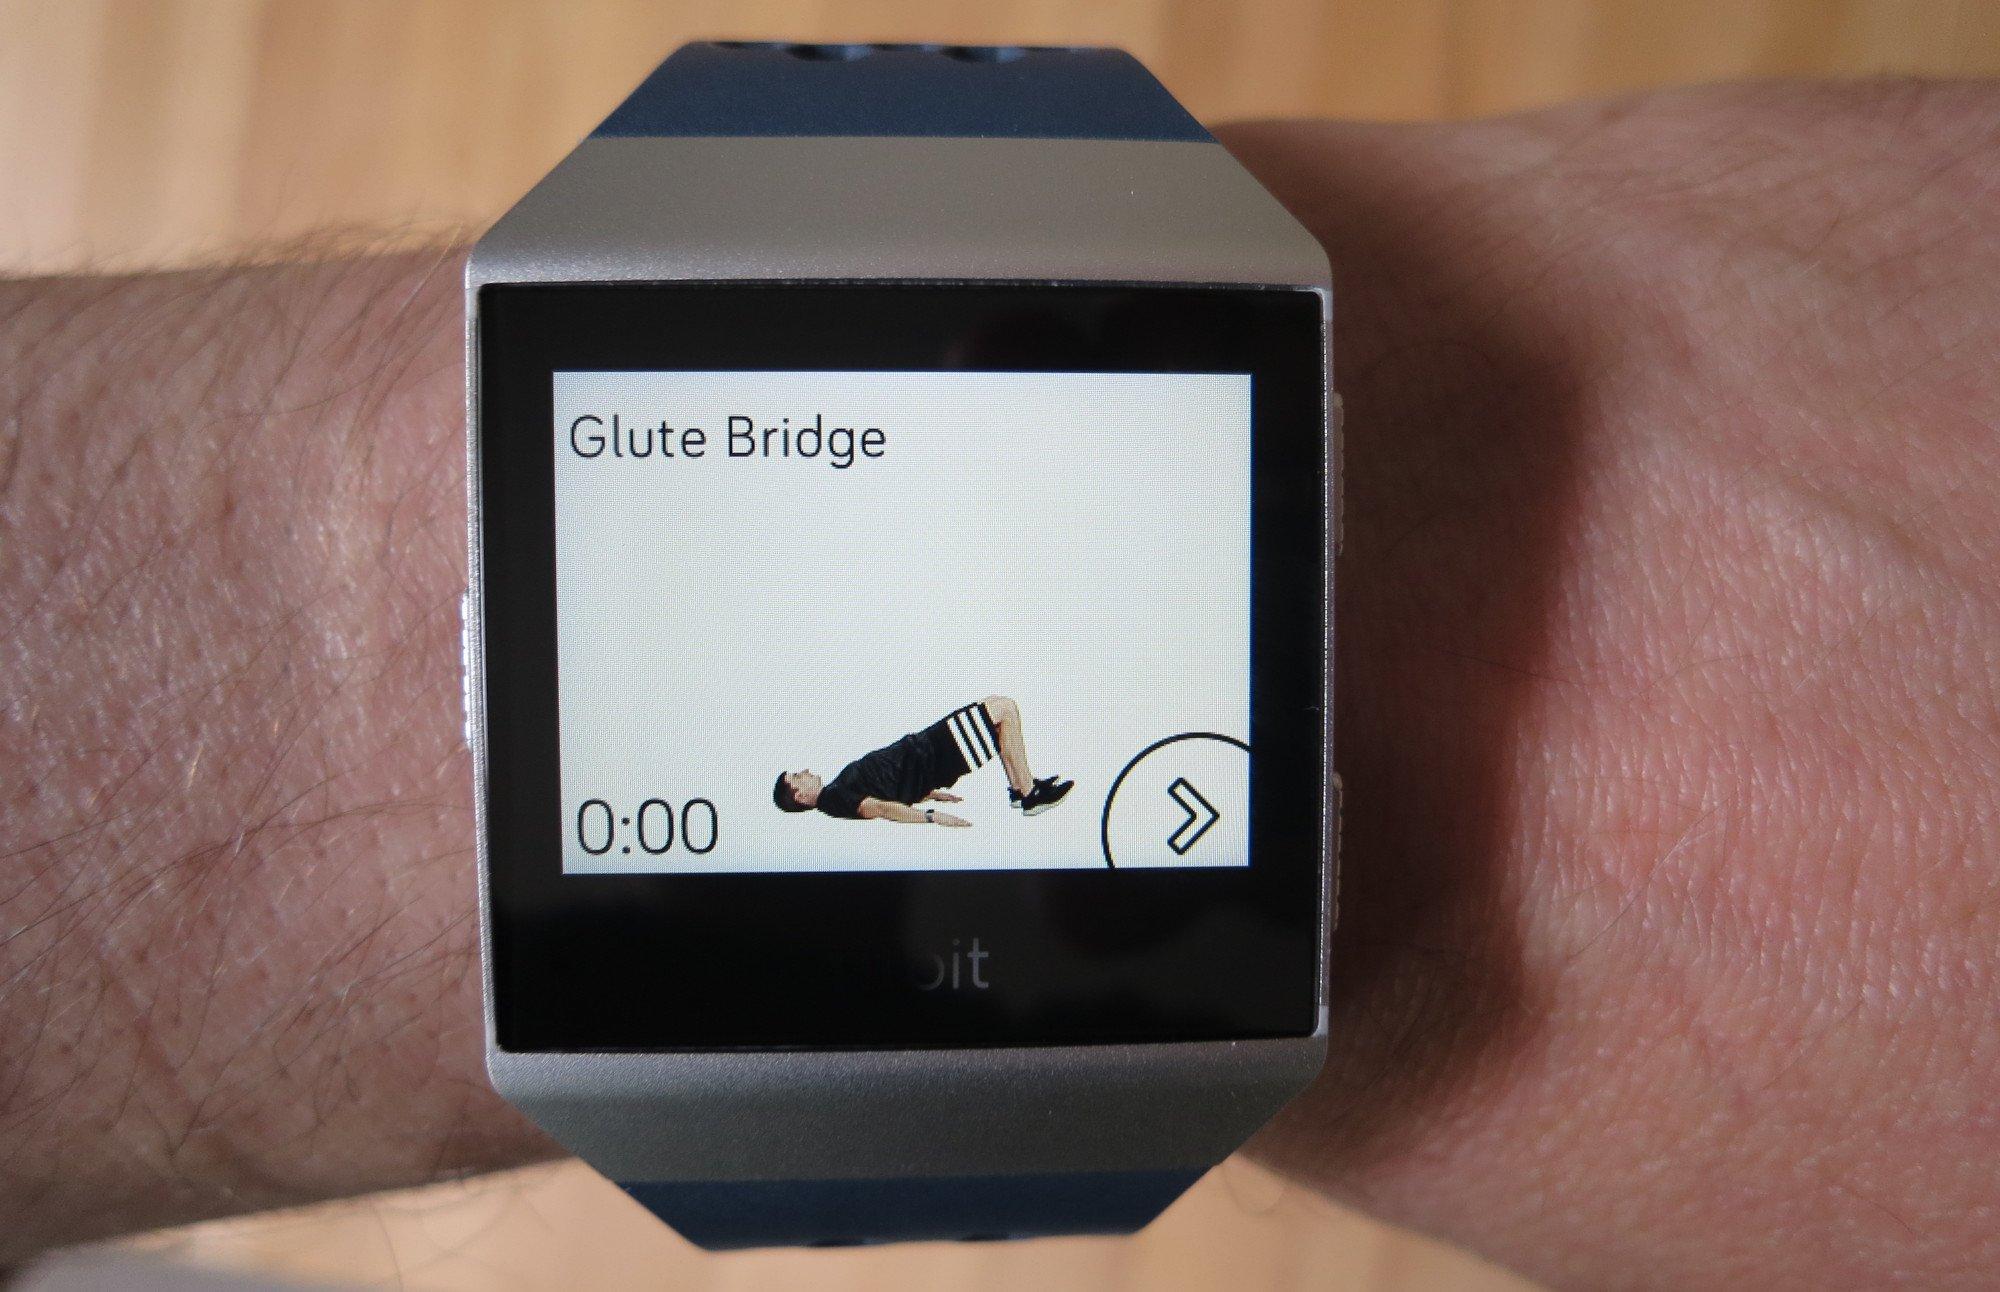 Fitbit Ionic adidas Edition: Man muss schon wissen, wie die Übung geht, die die Train-App in einem kurzen Video zeigt (Bild: Peter Giesecke)